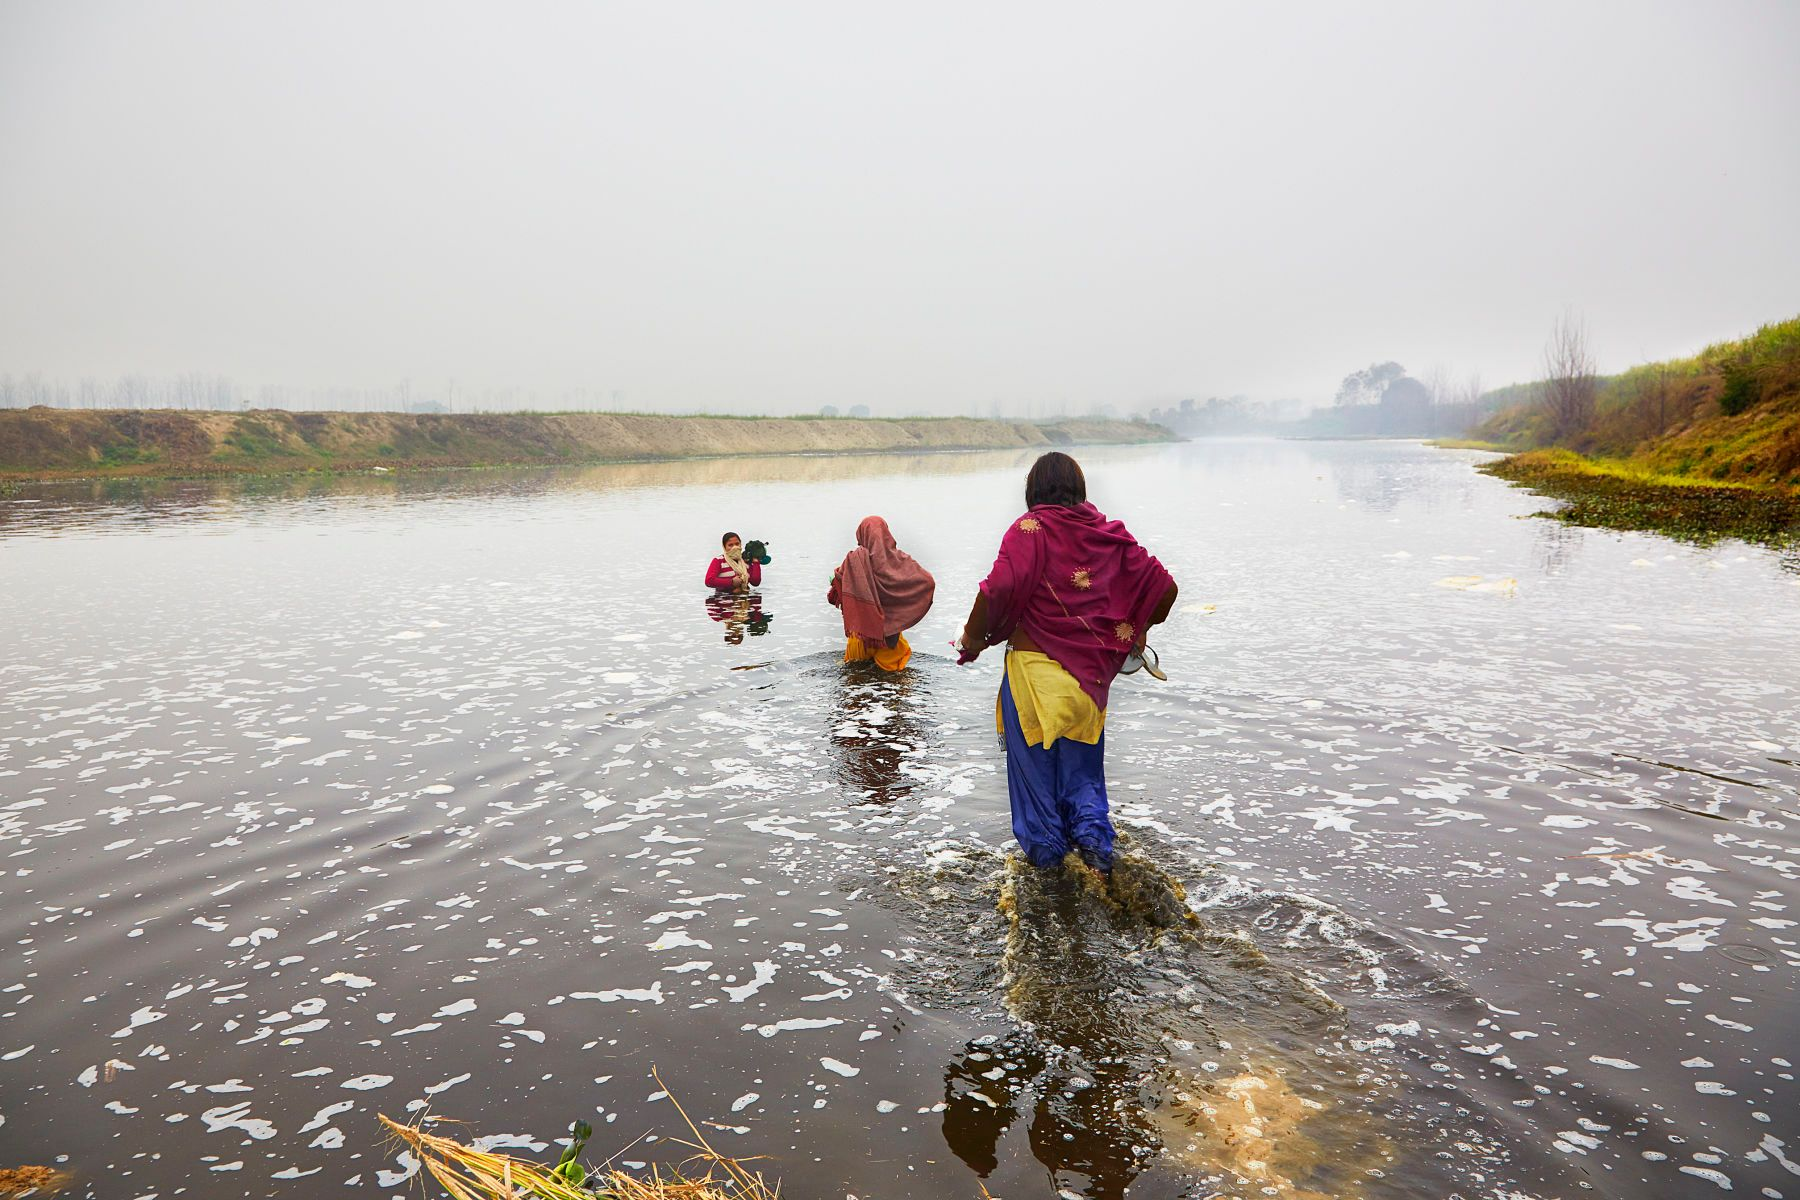 106_2015_01_india_hindon_river_0007.jpg